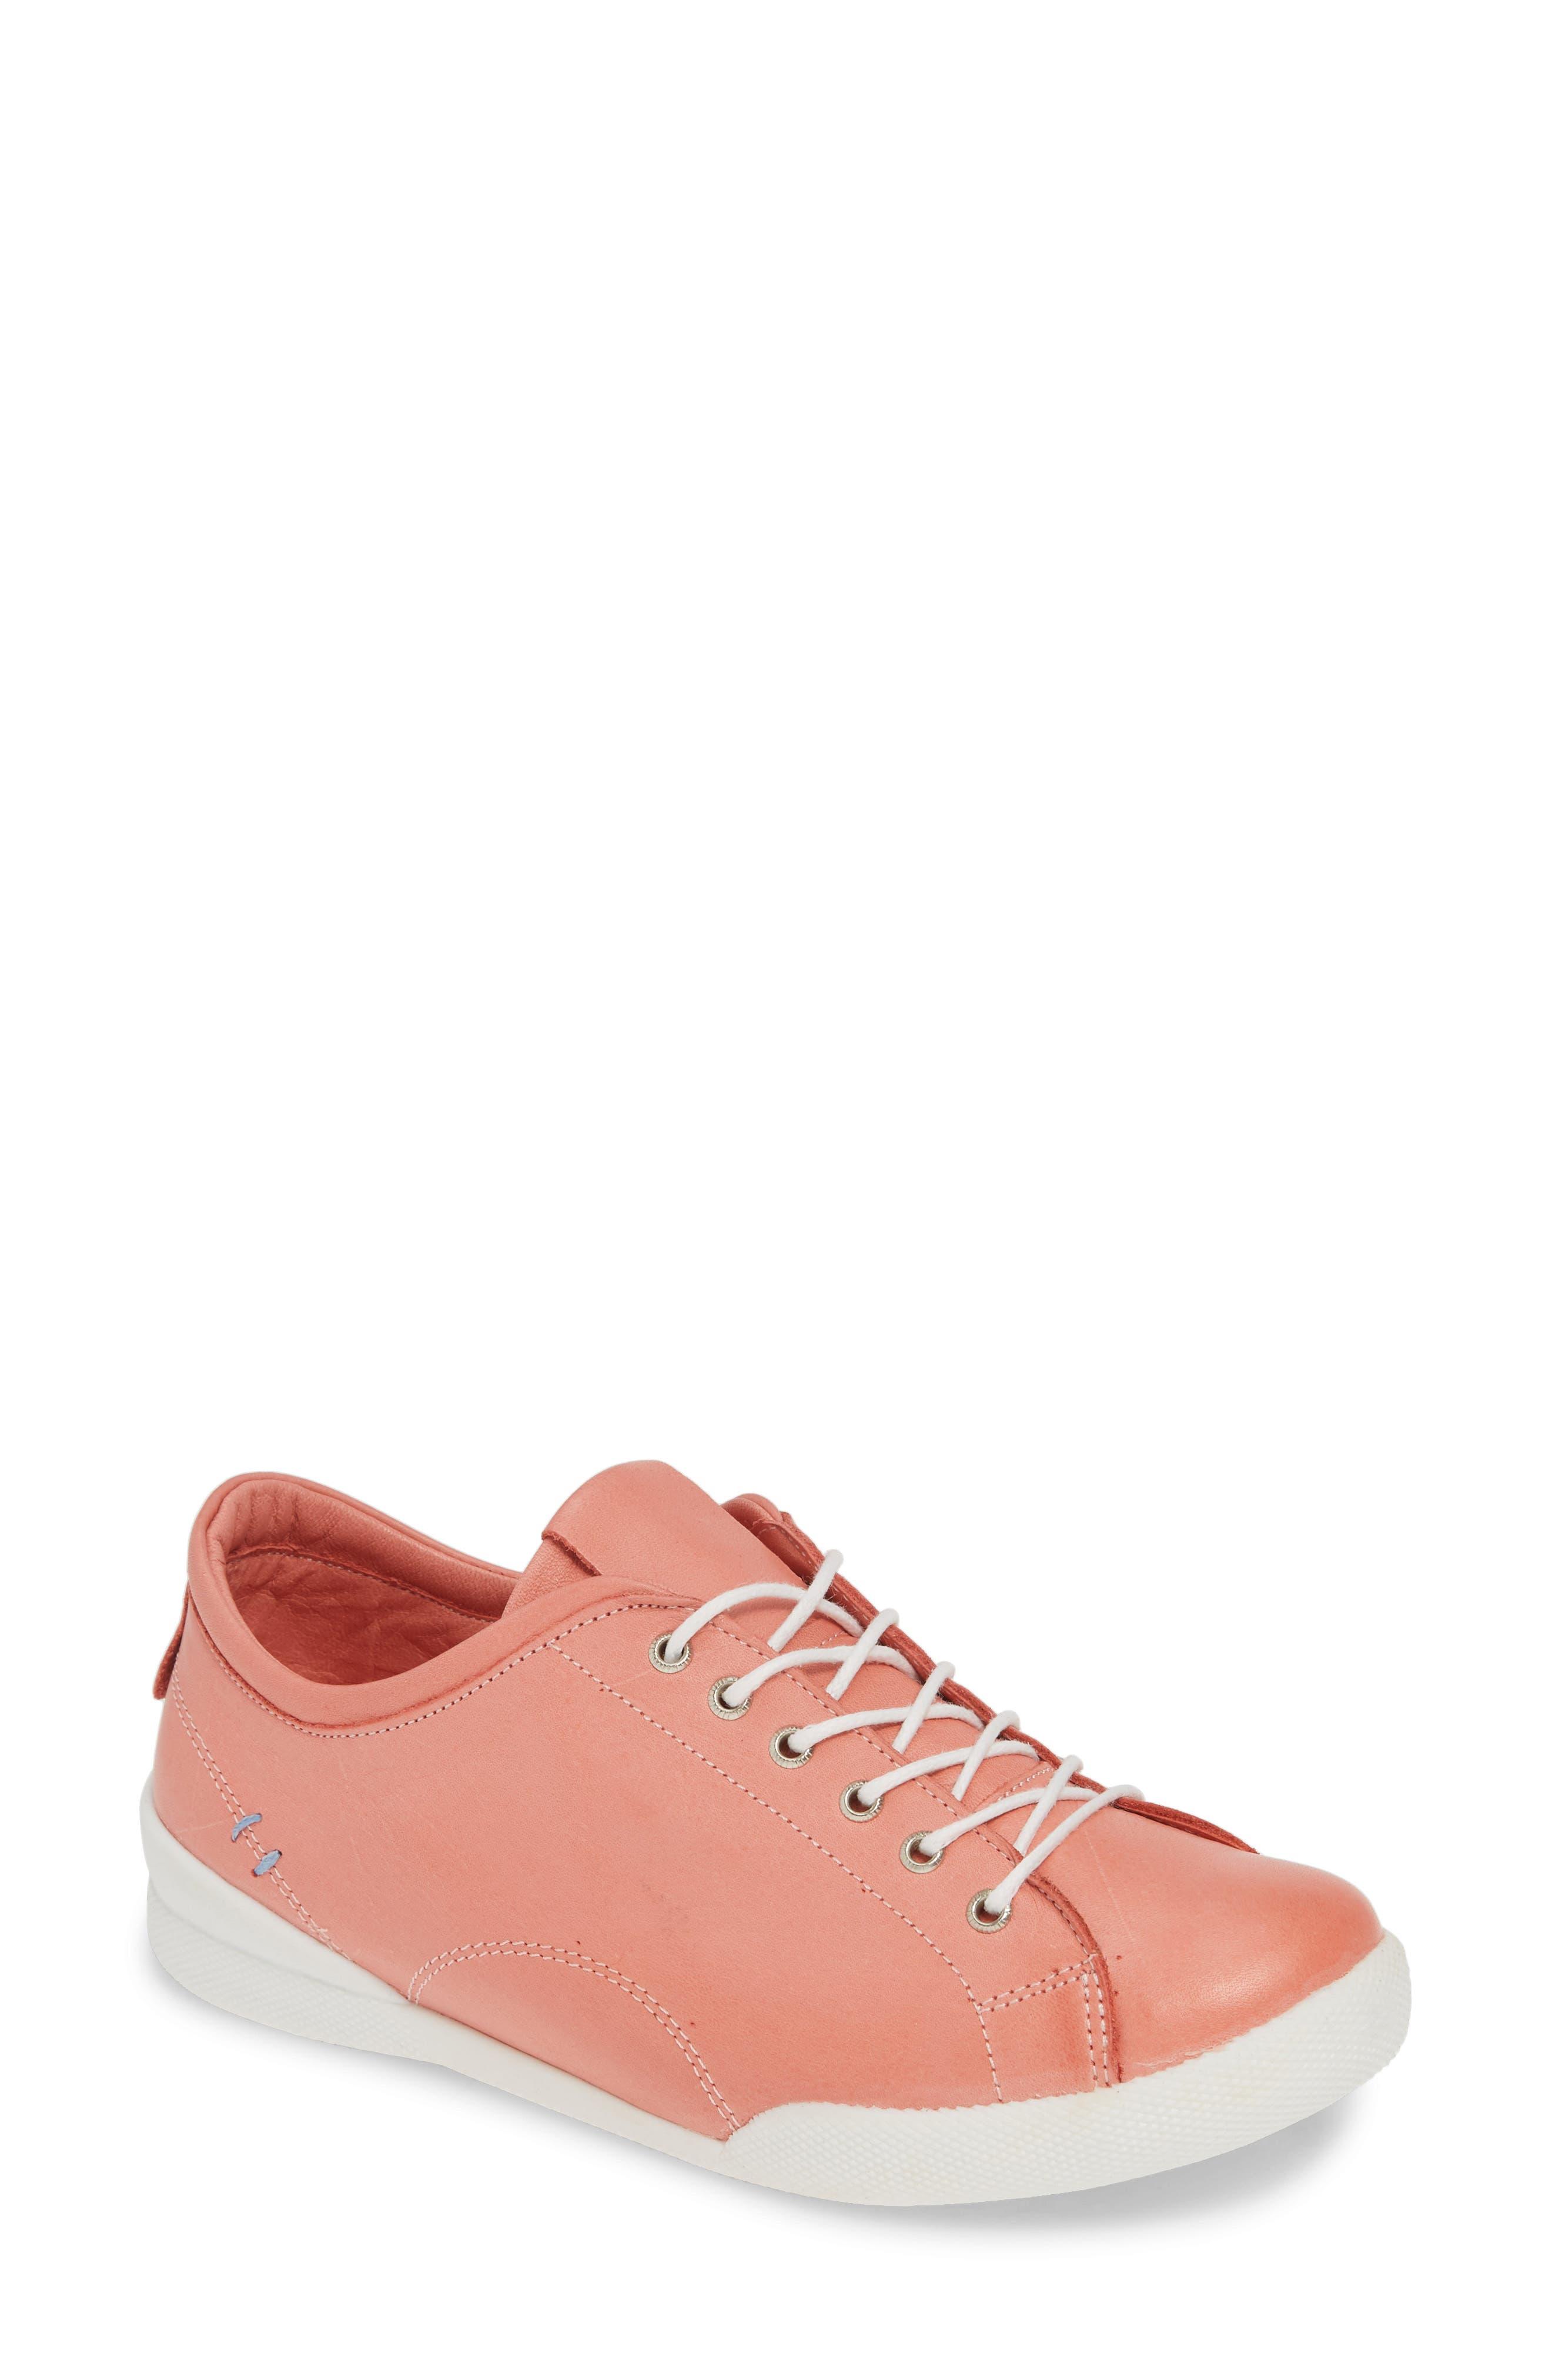 Sheridan Mia Abbey 2 Sneaker, Pink